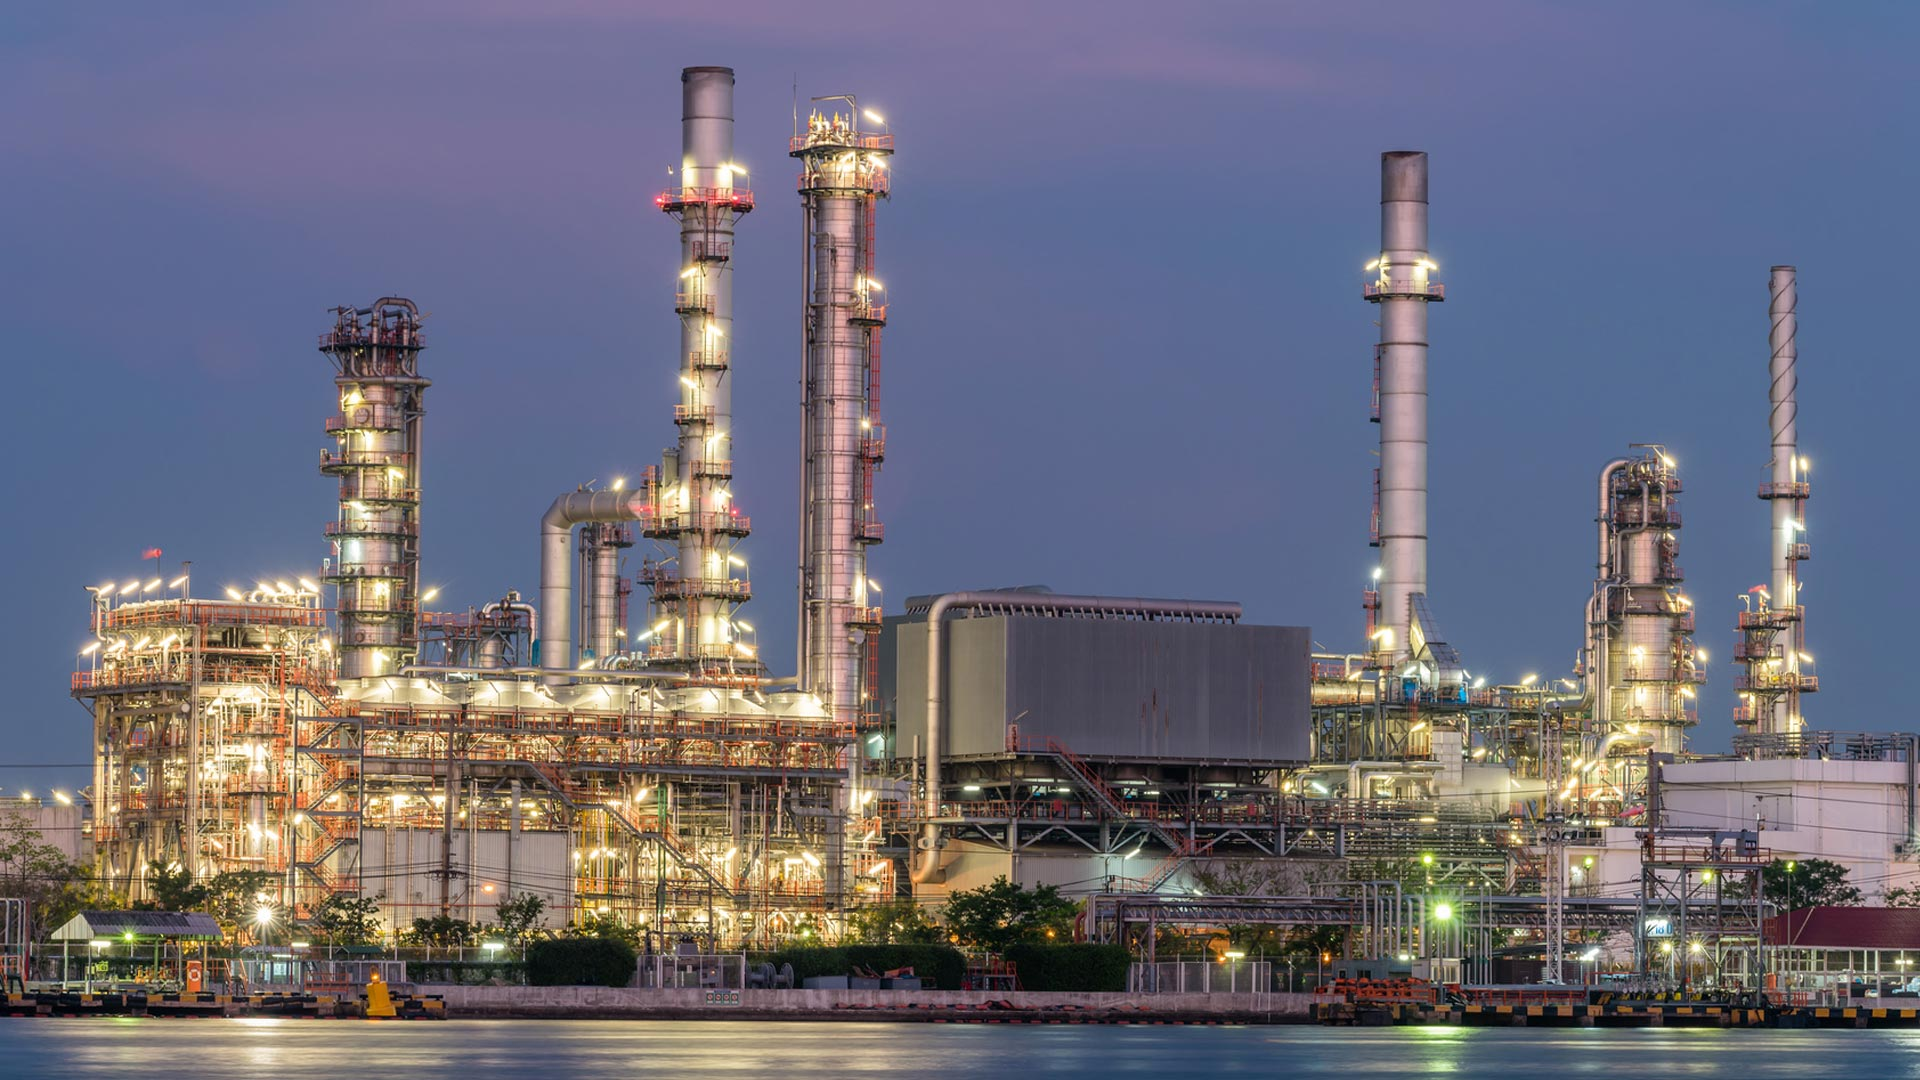 Trockeneisreinigung kommt in unzähligen Industriebranchen zum Einsatz.